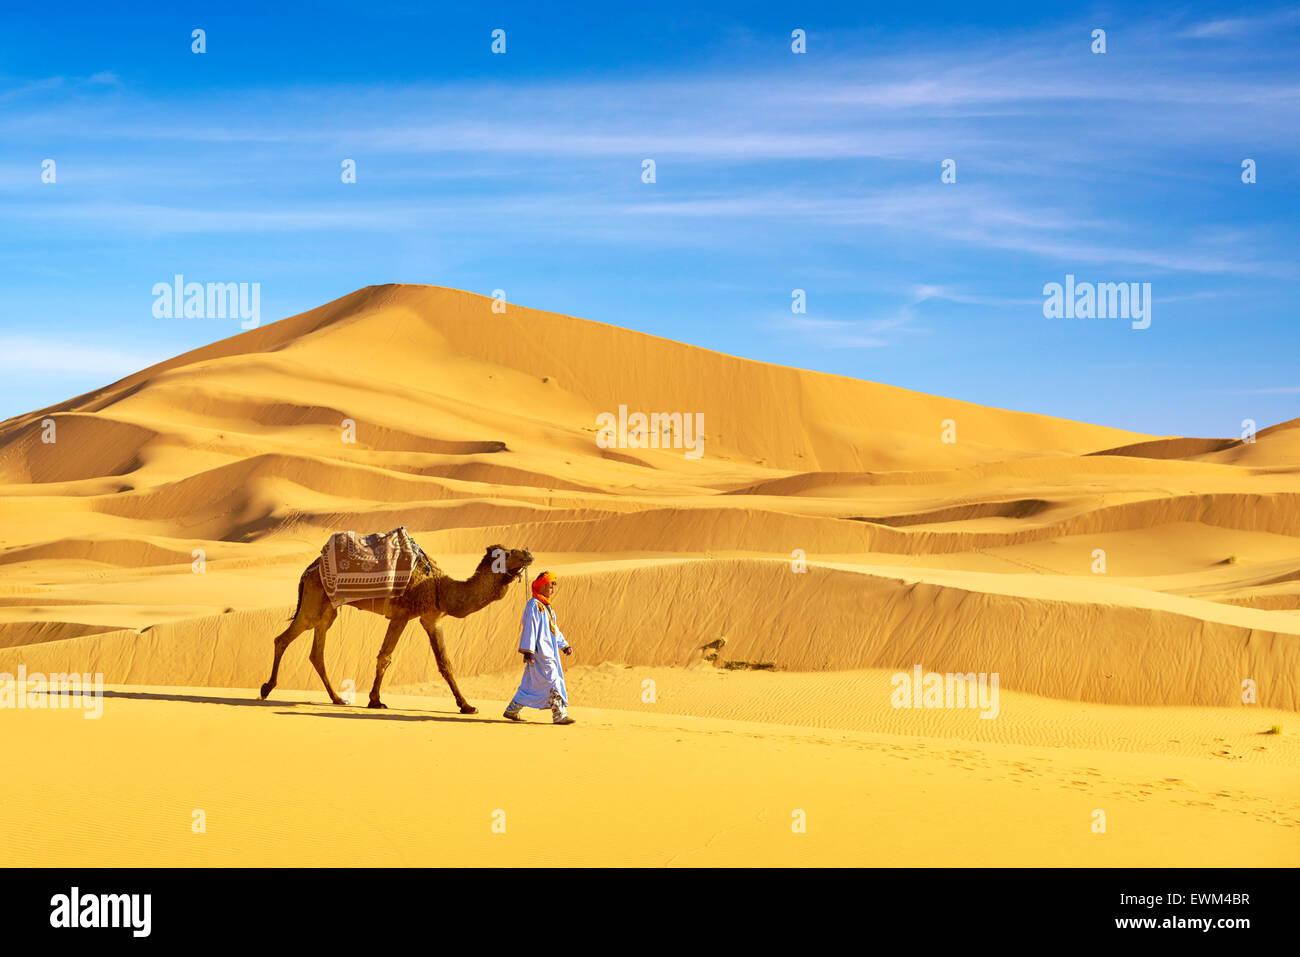 Le berbère avec son chameau sur les dunes du désert du Sahara, Maroc Photo Stock